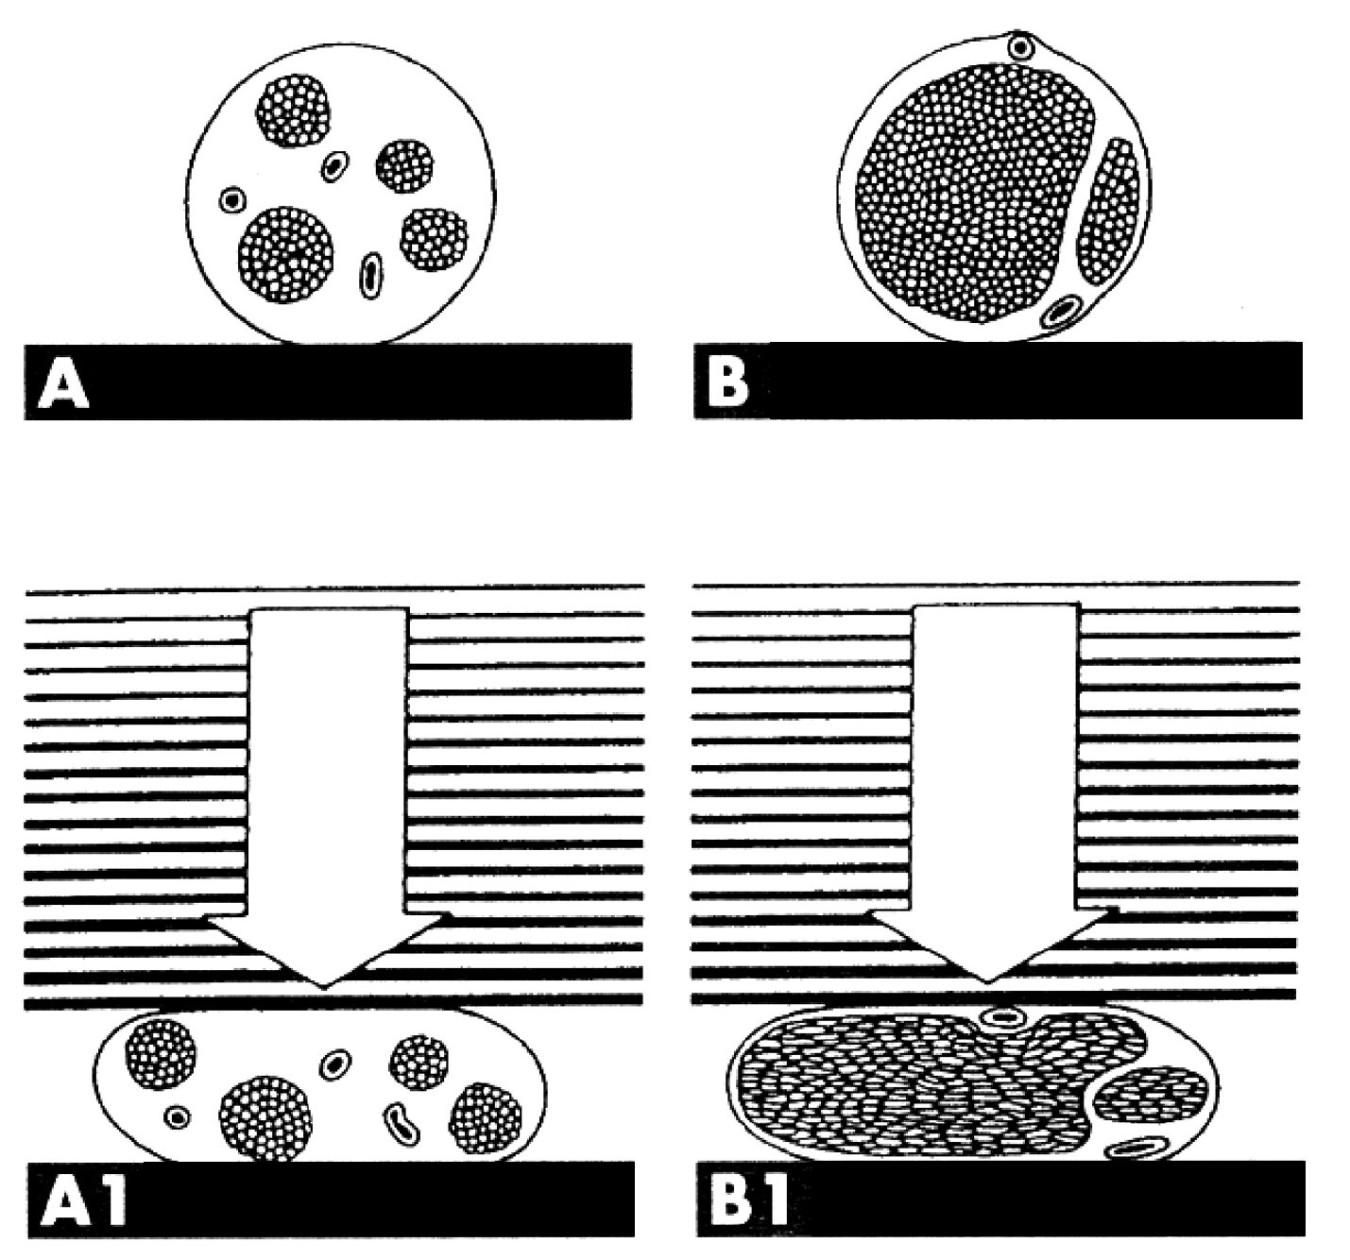 Komprese dvou nervů s rozdílným vnitřním uspořádáním. A – nerv s tenkými fascikly a velkým množstvím vazivové tkáně, B – nerv s velkými fascikly a malým množstvím vazivové tkáně. Při kompresi nervu (A1) se mění nerv deformací vaziva a změnou polohy fas